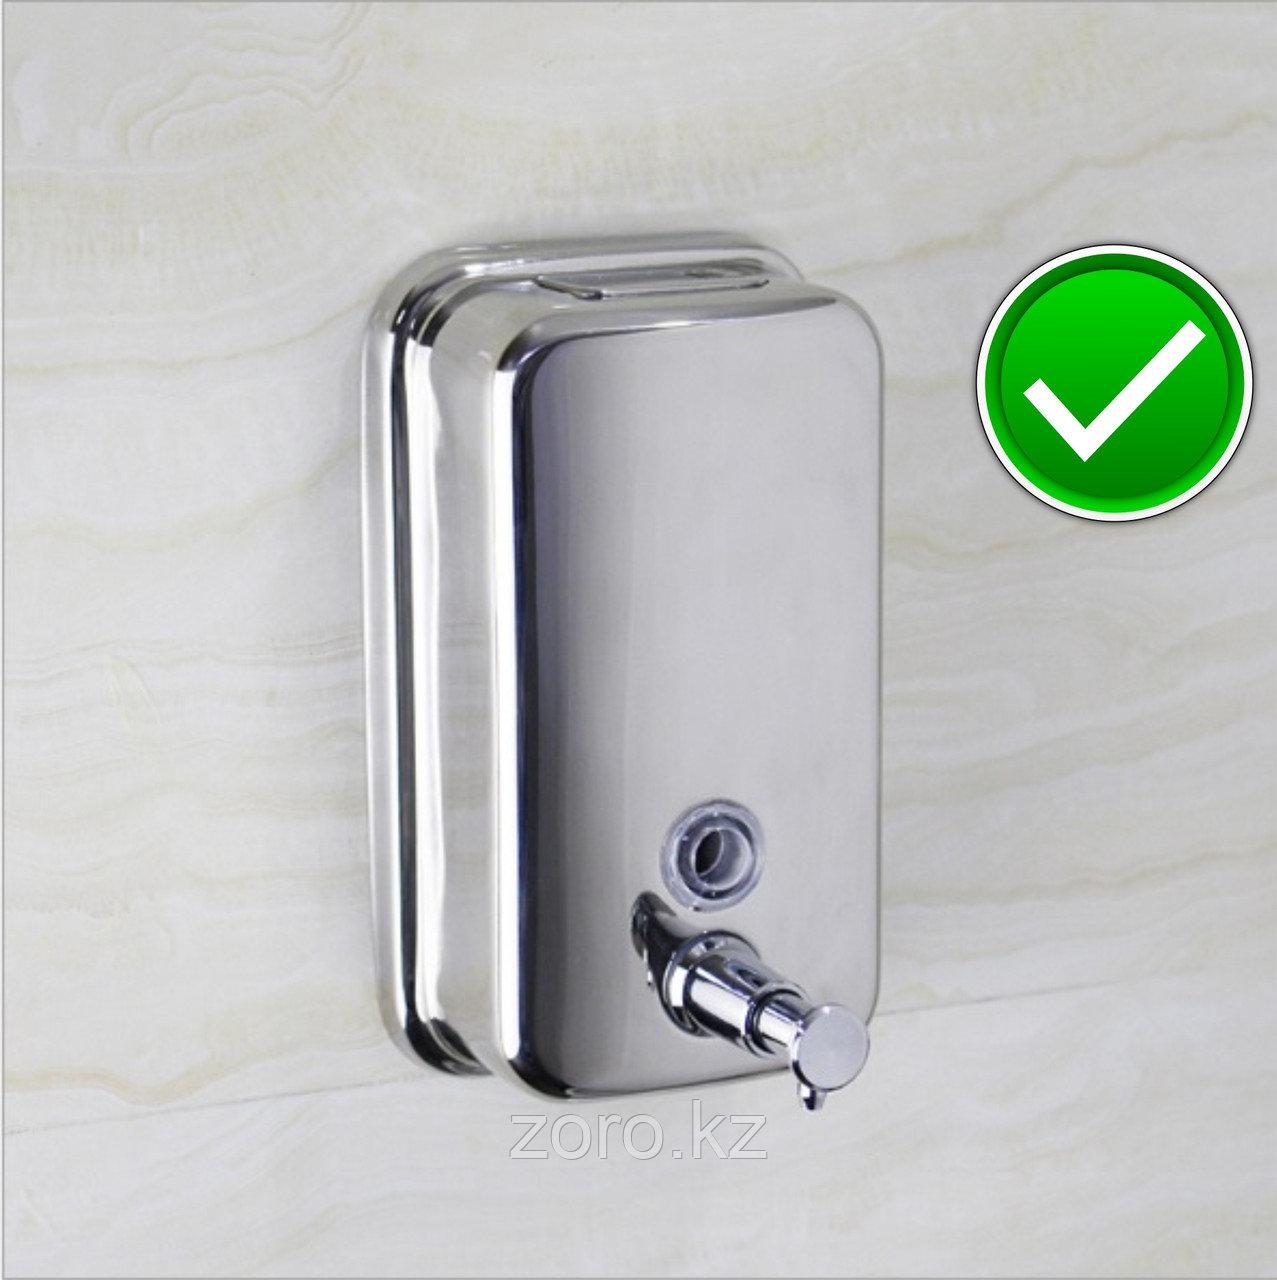 Дозатор (диспенсер) для жидкого мыла 1000 мл